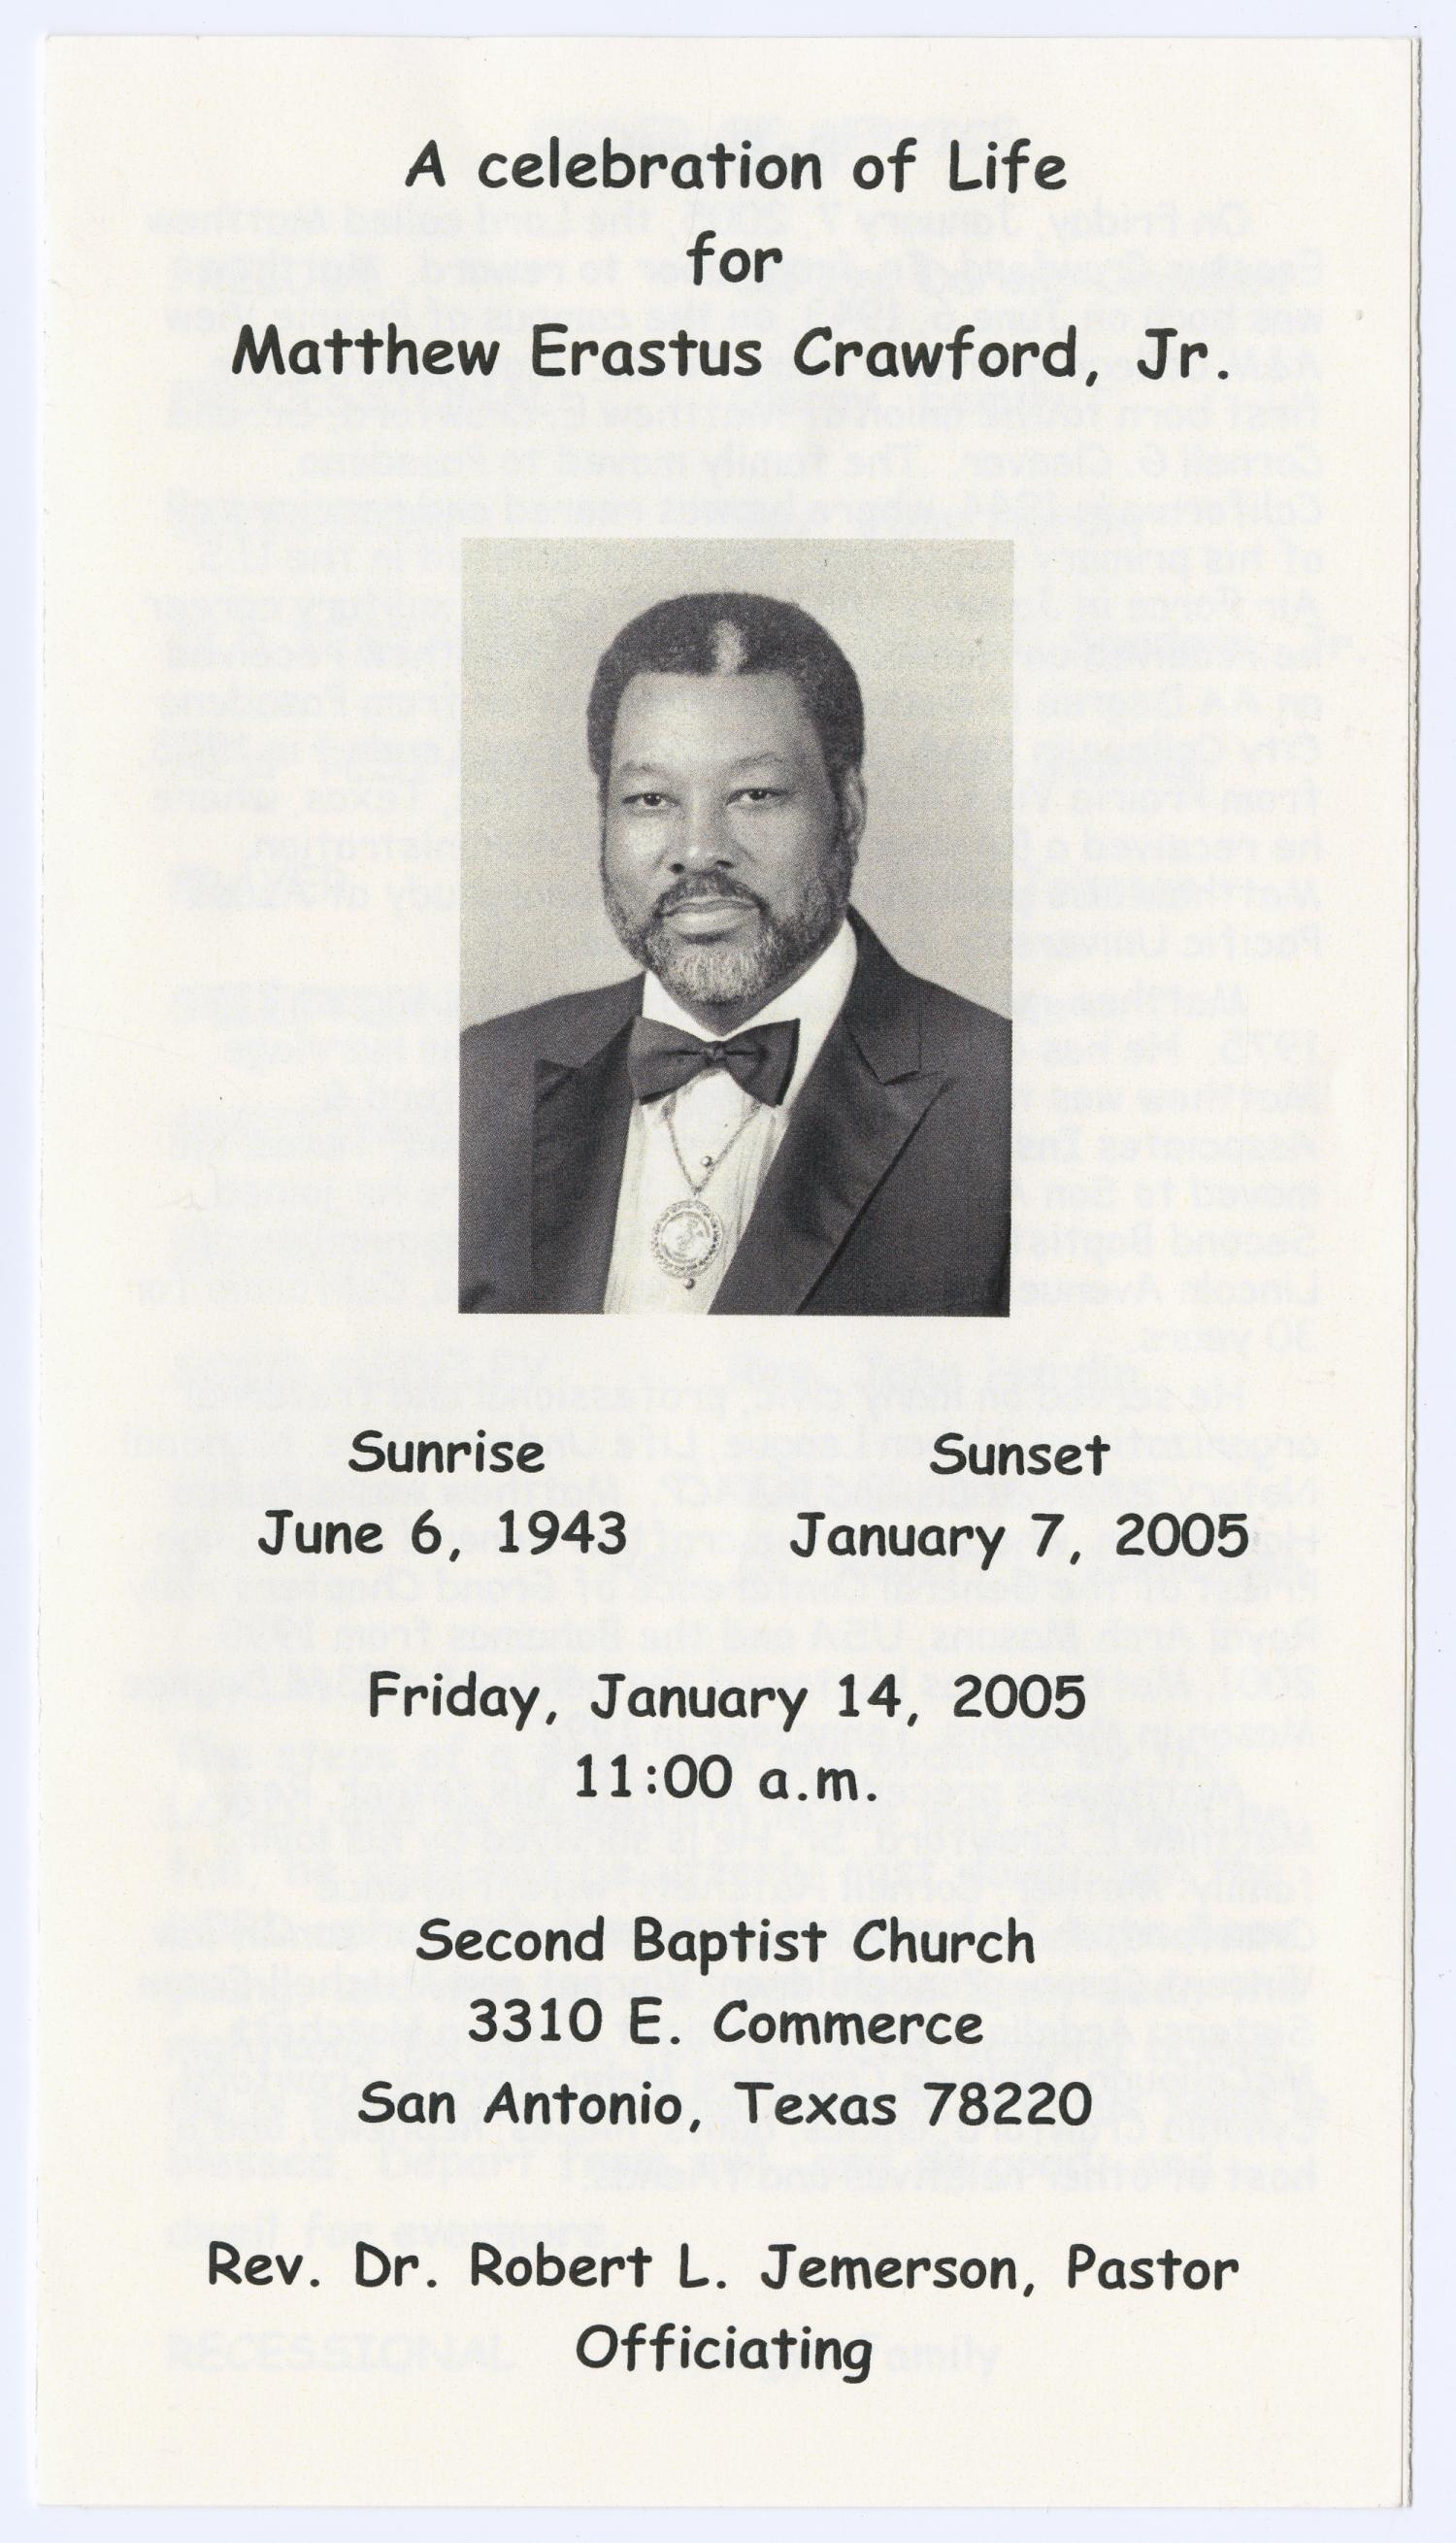 Funeral Program For Mattew Erastus Crawford Jr January